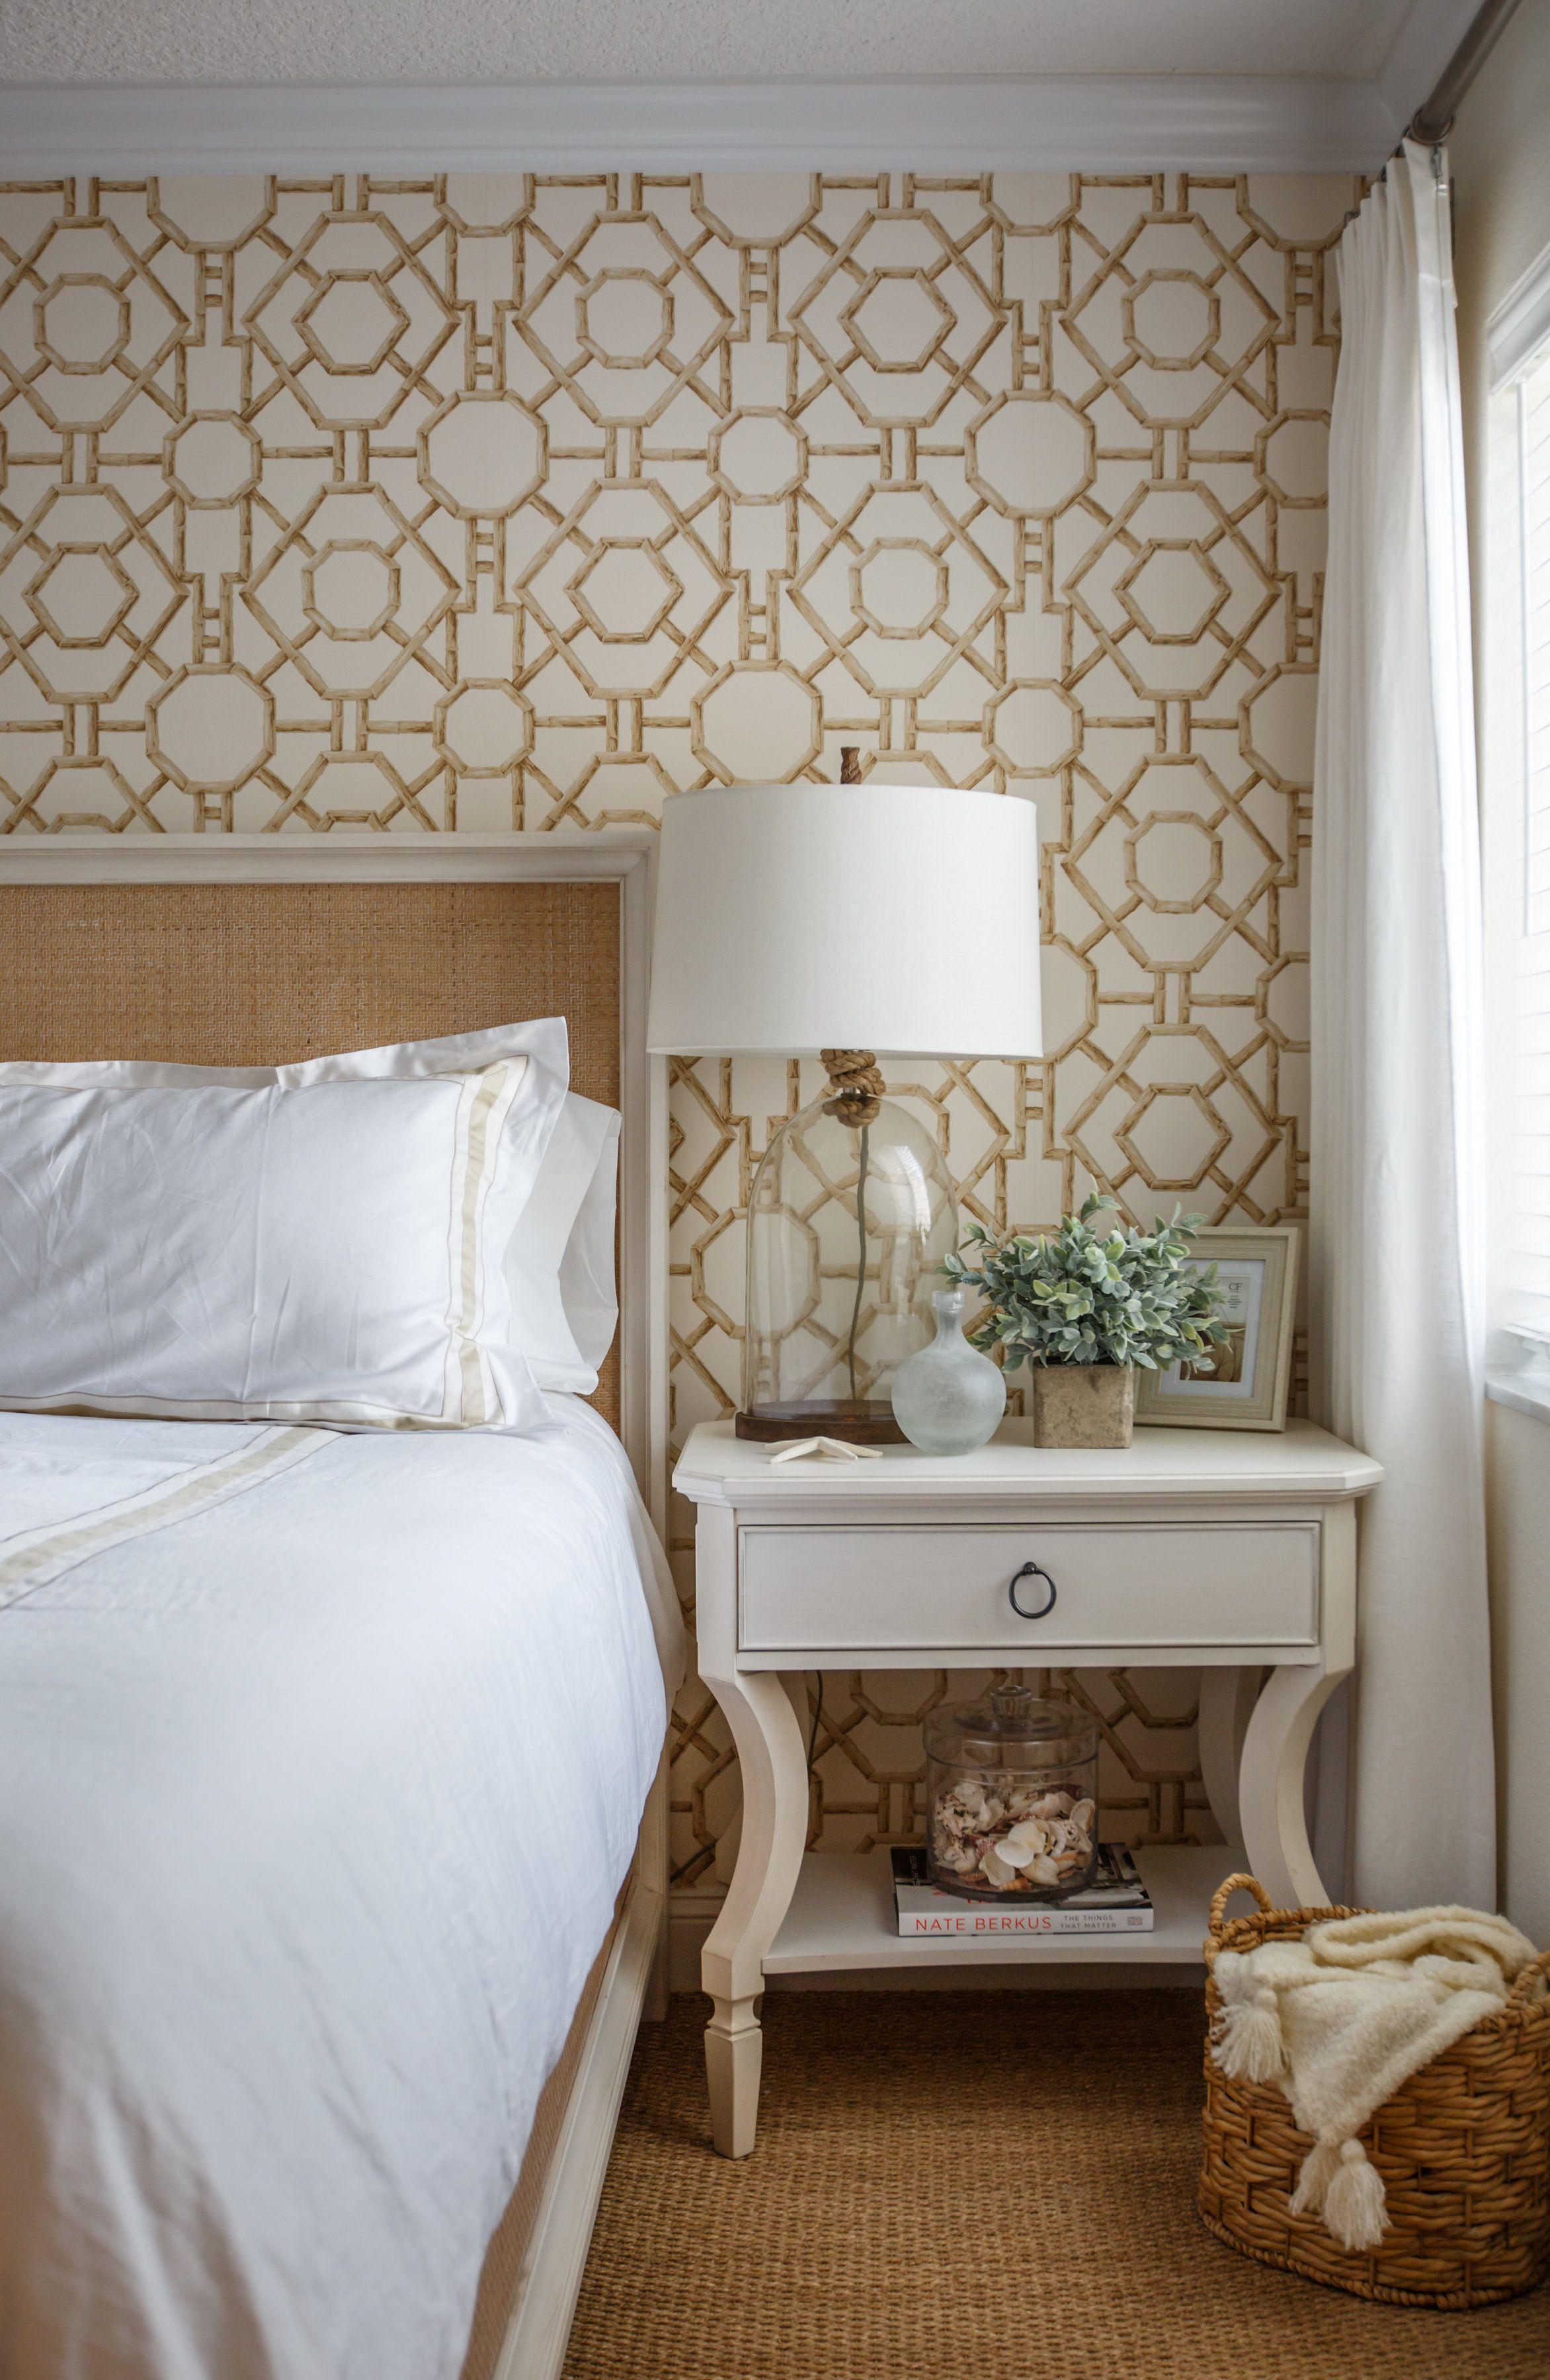 10 Bedroom Wallpaper Ideas - Statement Wallpapers We Love